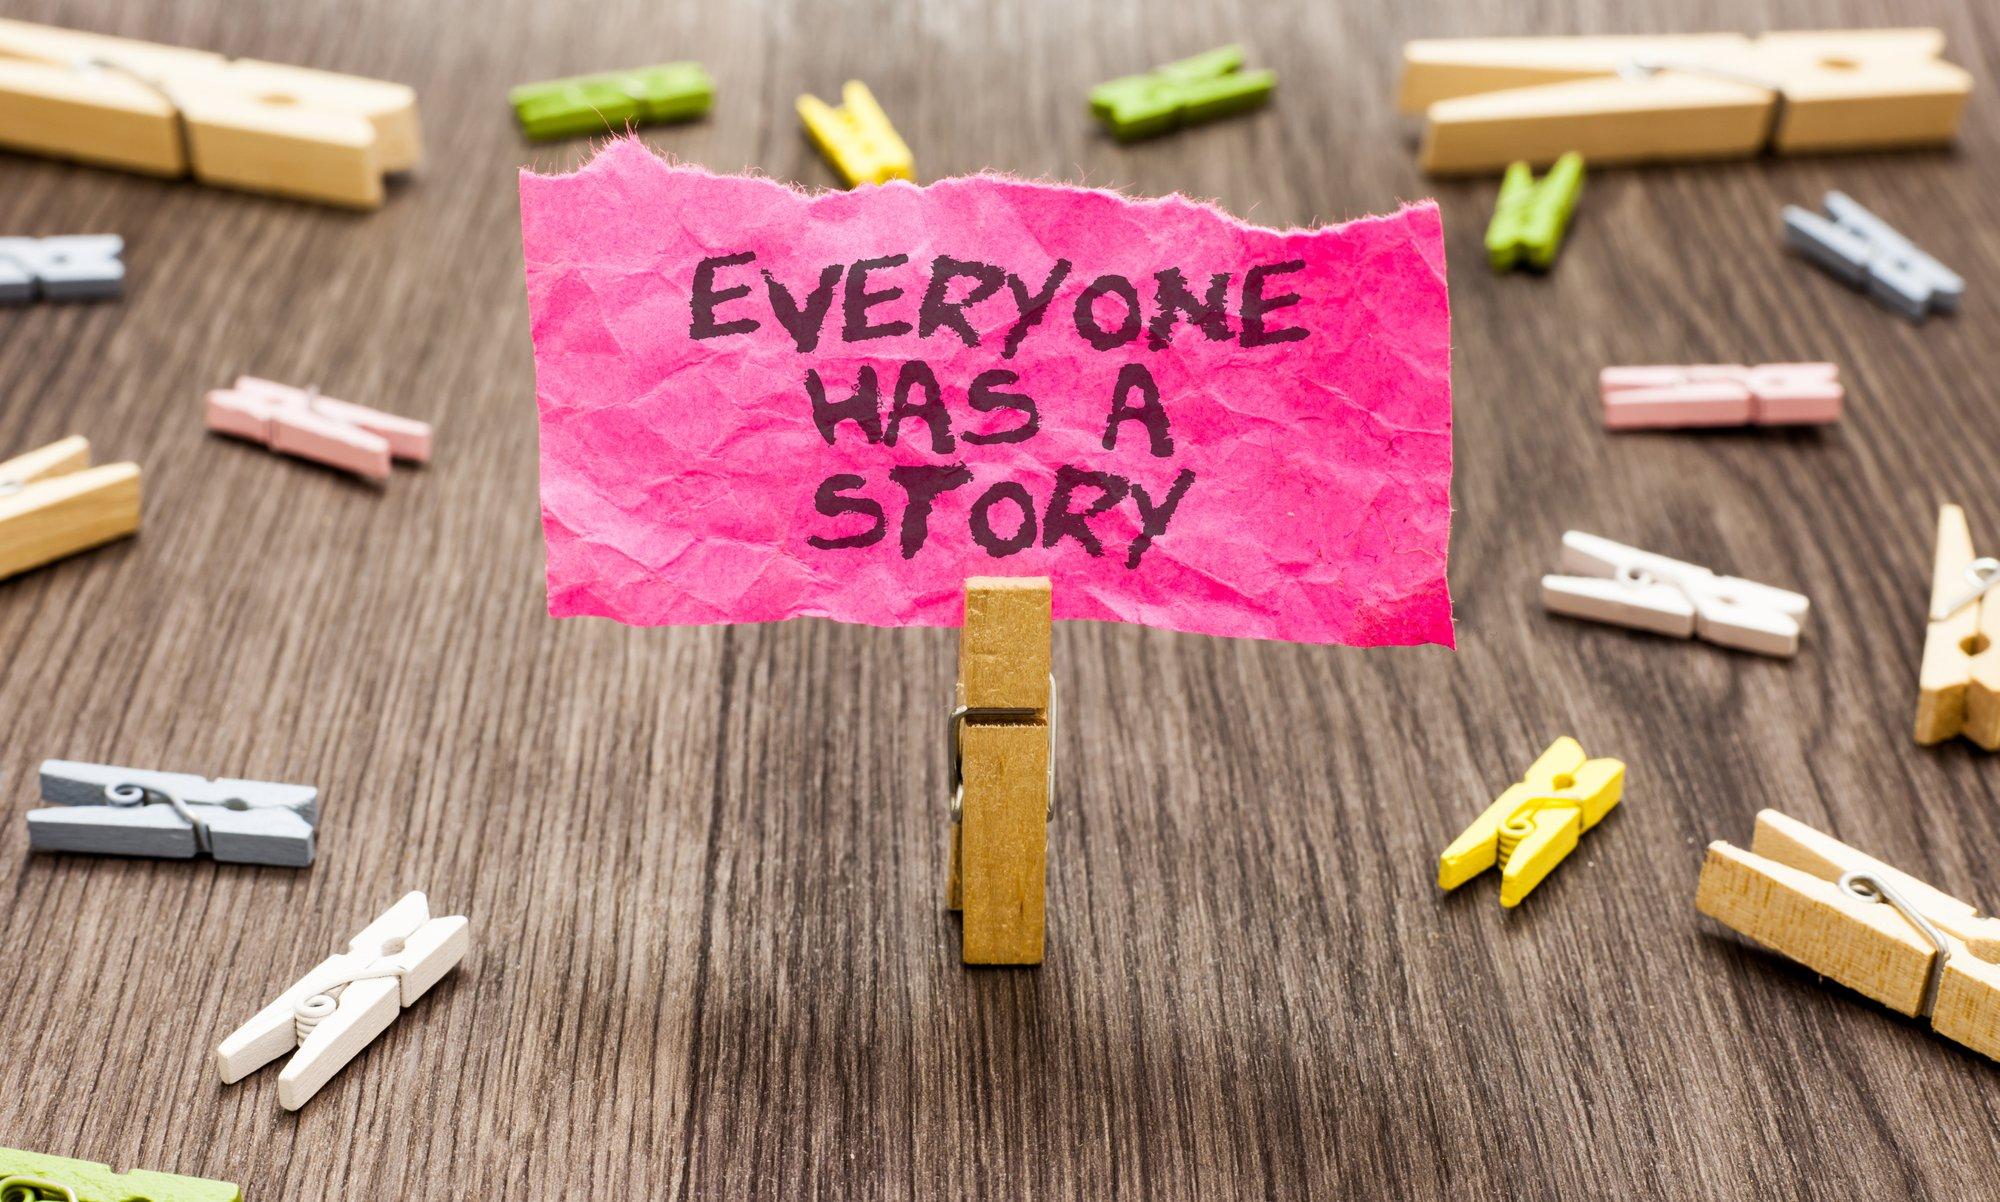 Le storytelling, un bon truc ou une technique ingénieuse pour les entreprises ?